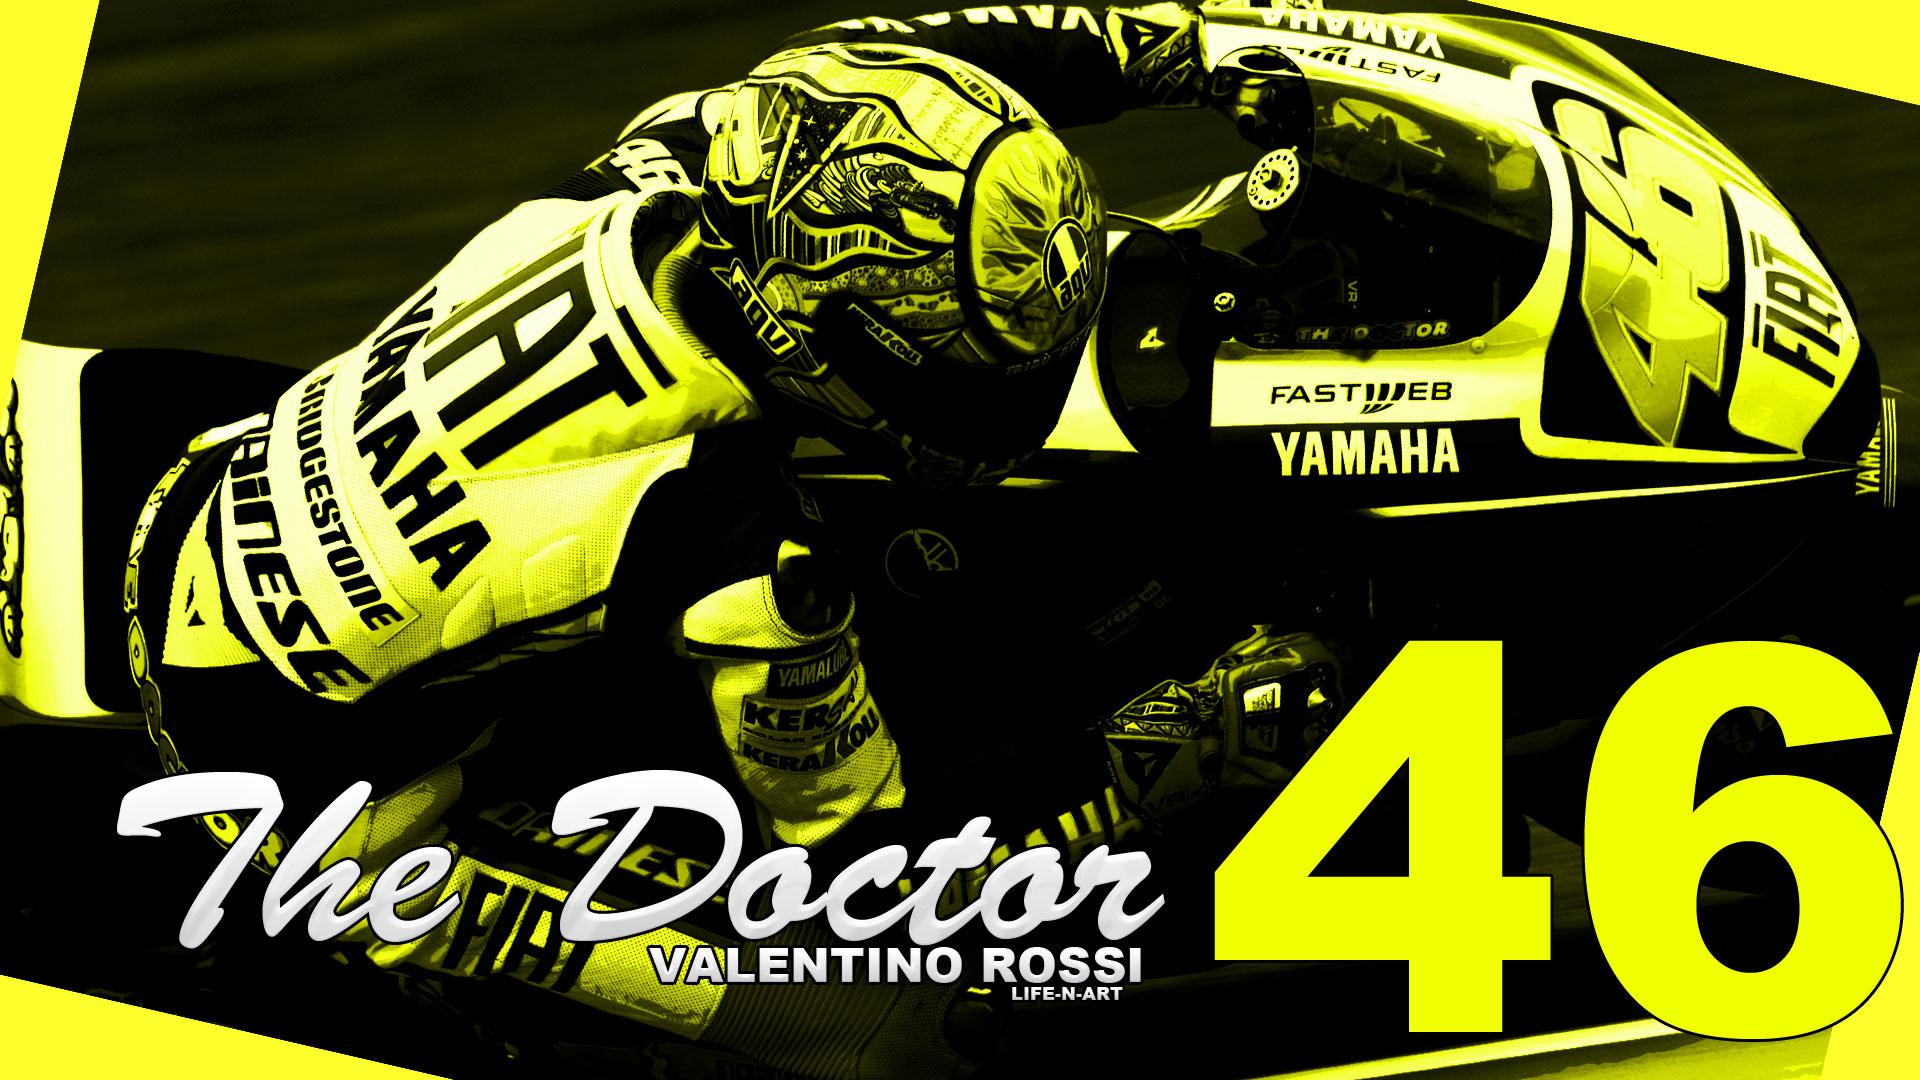 Valentino Rossi Wallpapers Hd Moto GP Sepang 1920x1080